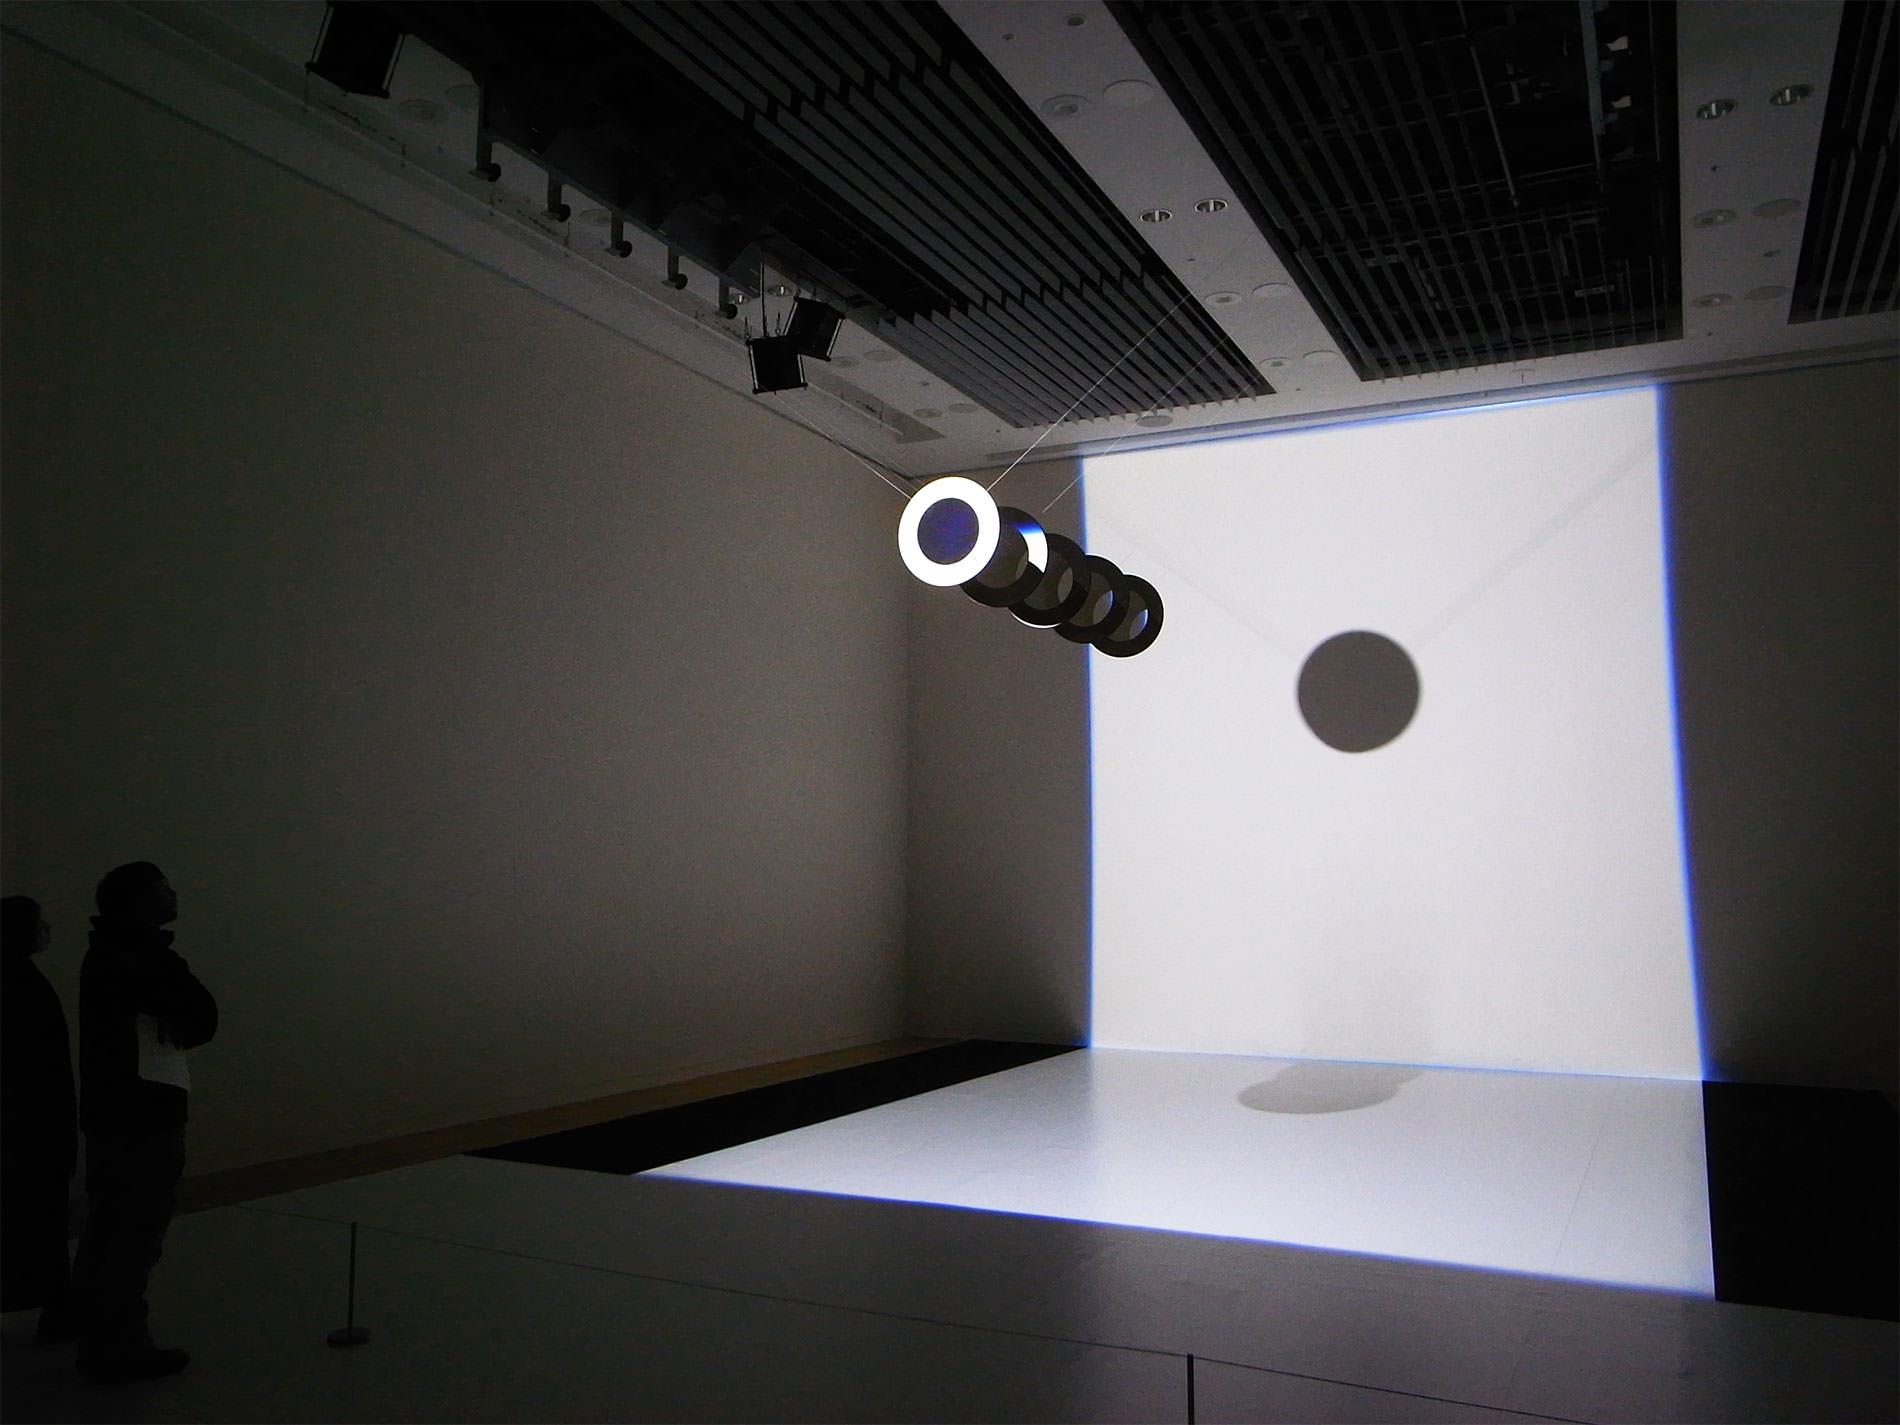 ICC 2017 / アート+コム/ライゾマティクスリサーチ 光と動きの「ポエティクス/ストラクチャー」